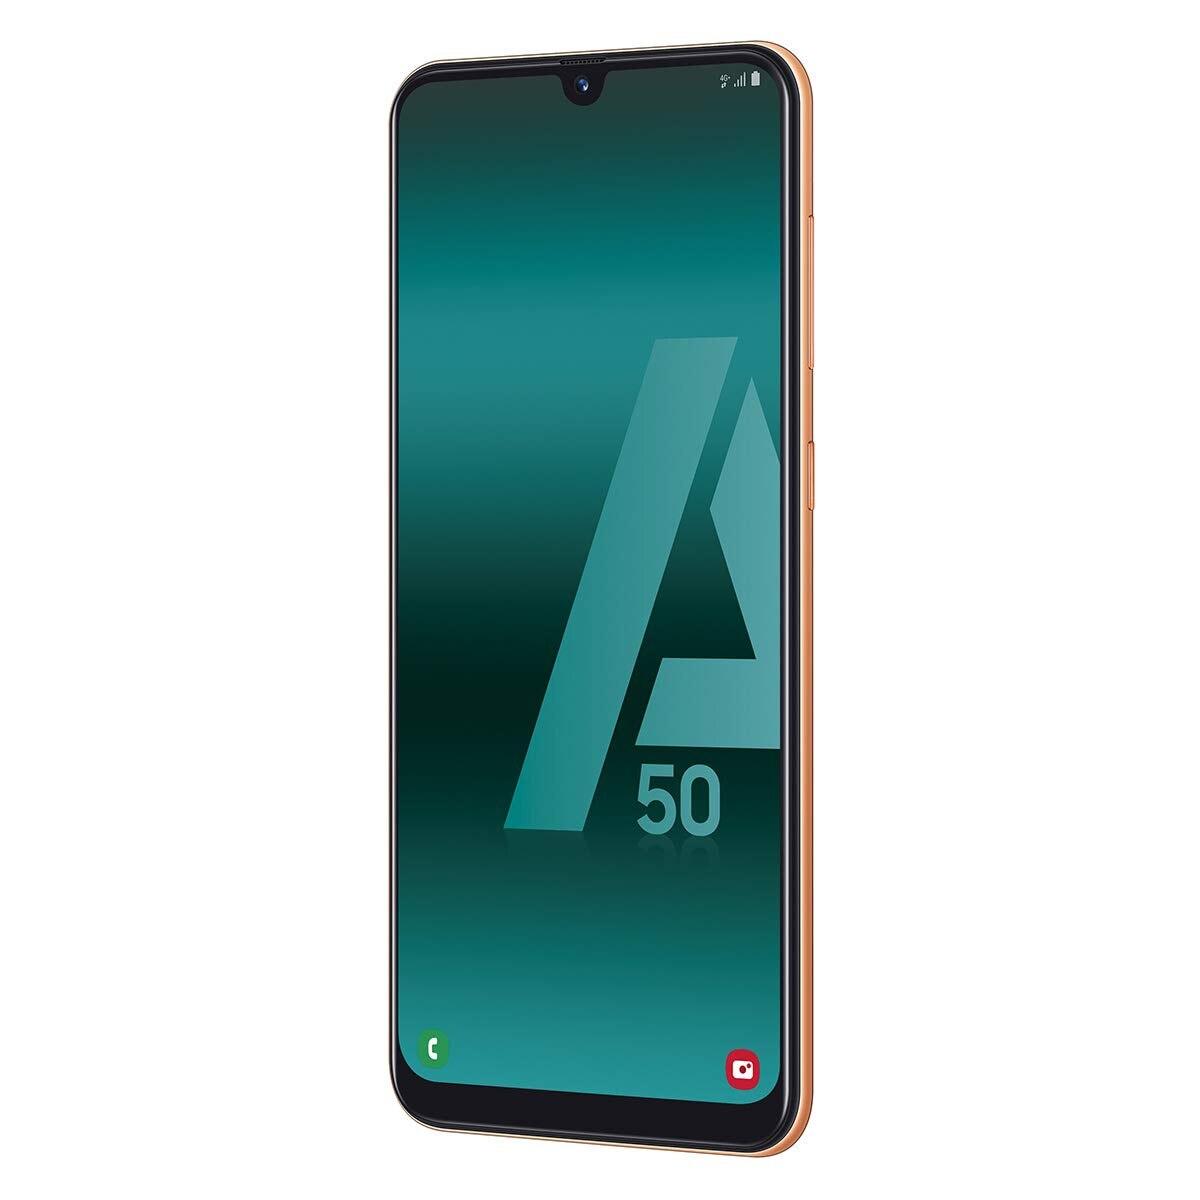 Samsung Galaxy A50, Coral Color, Dual SIM, 128 GB Rom, 4GB Ram, Screen 6.4